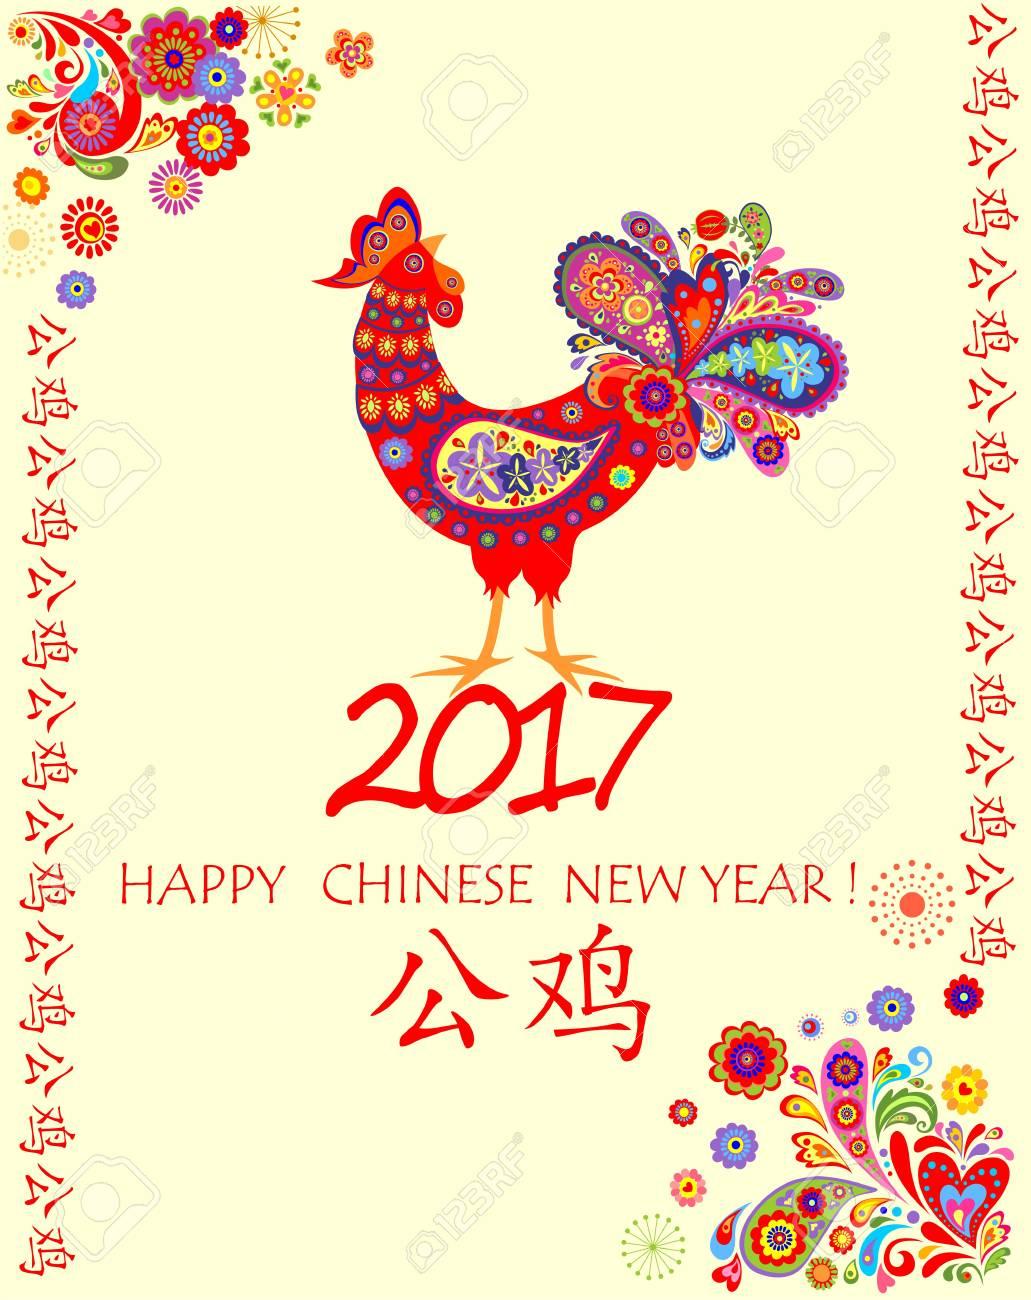 Gruß-Weinlesekarte Für Chinesisches 2017 Neues Jahr Mit Dekorativem ...